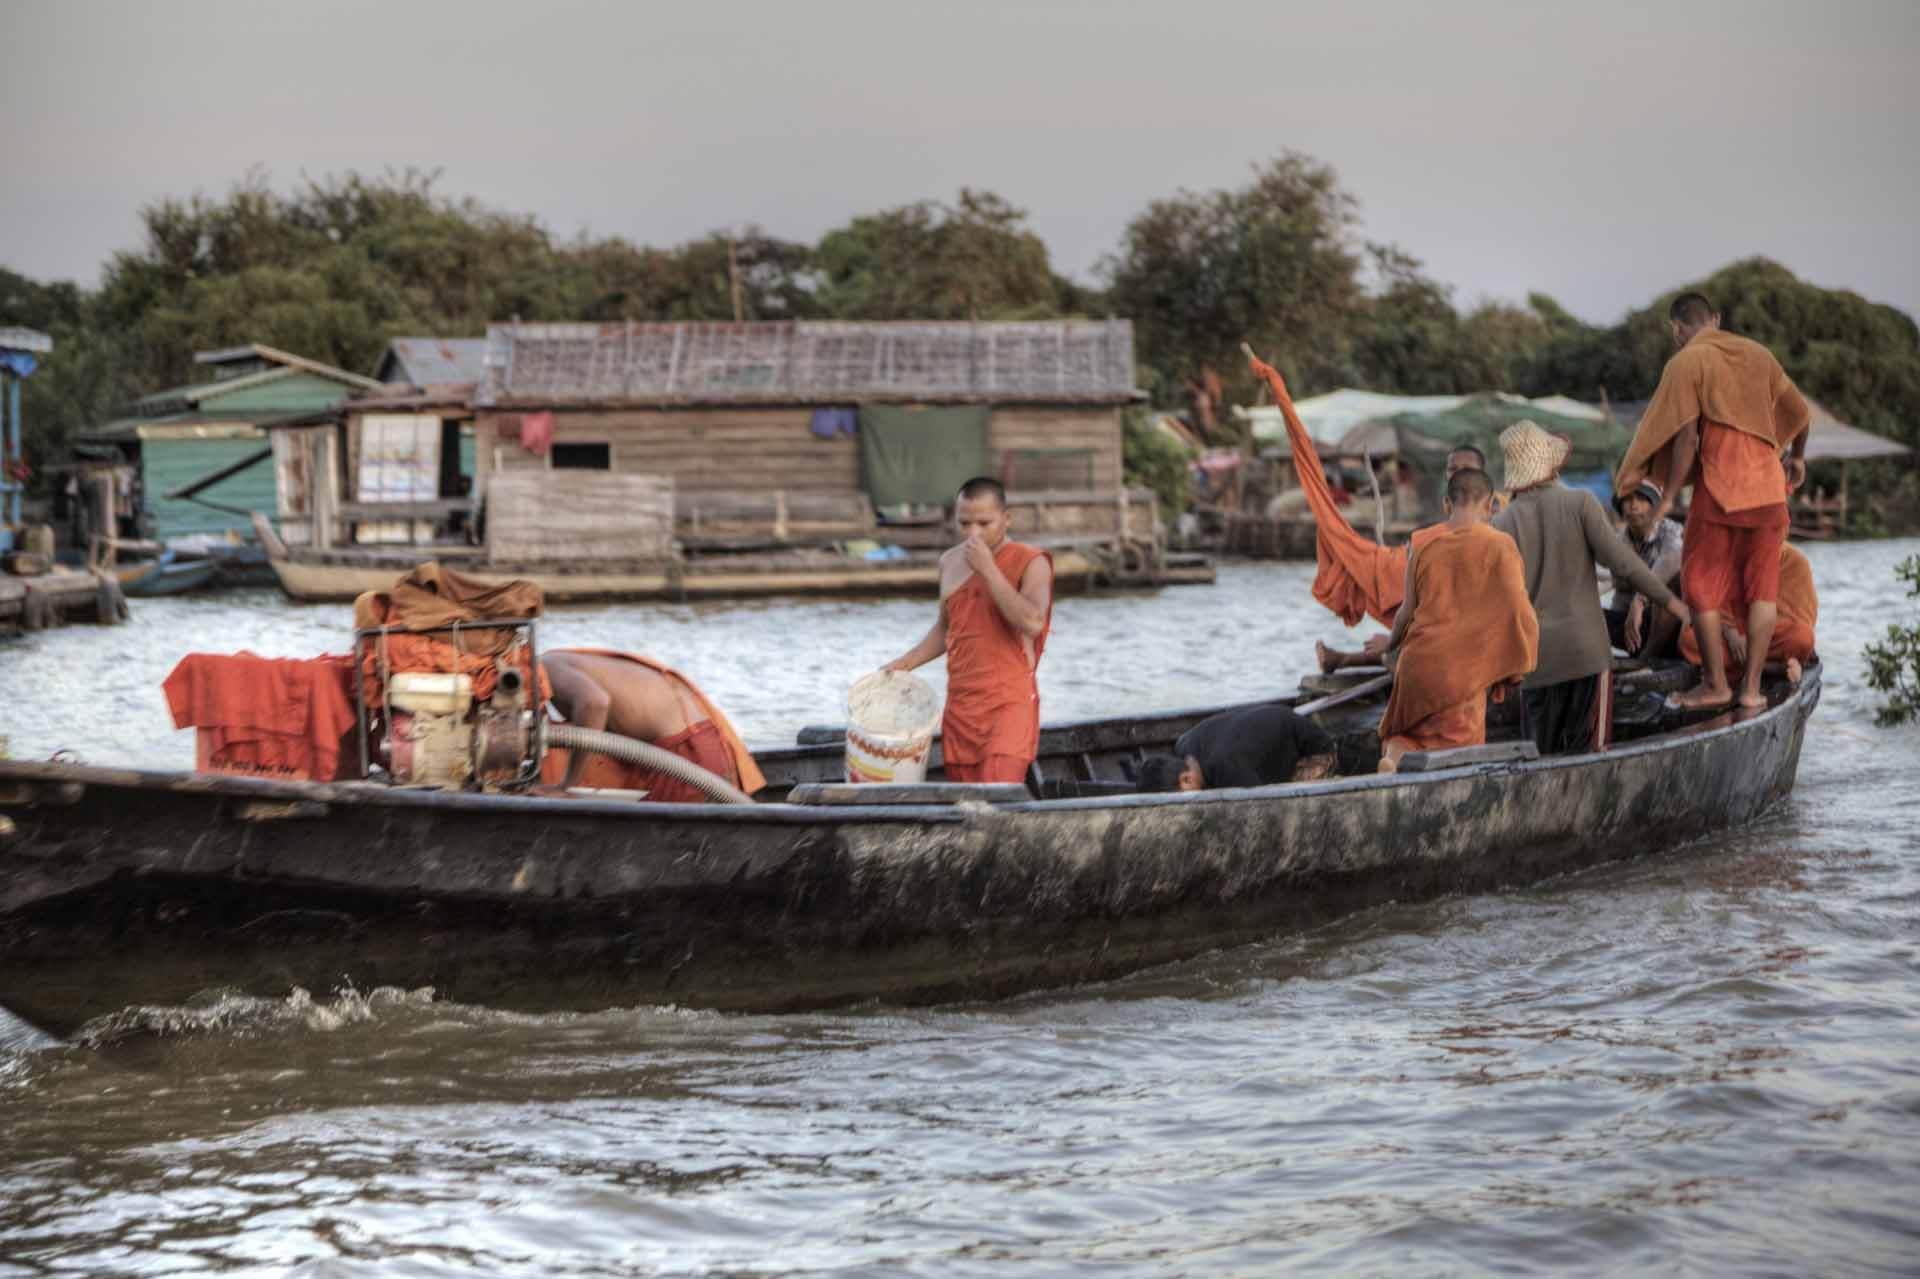 Mönche auf einem Kanu in Kambodscha